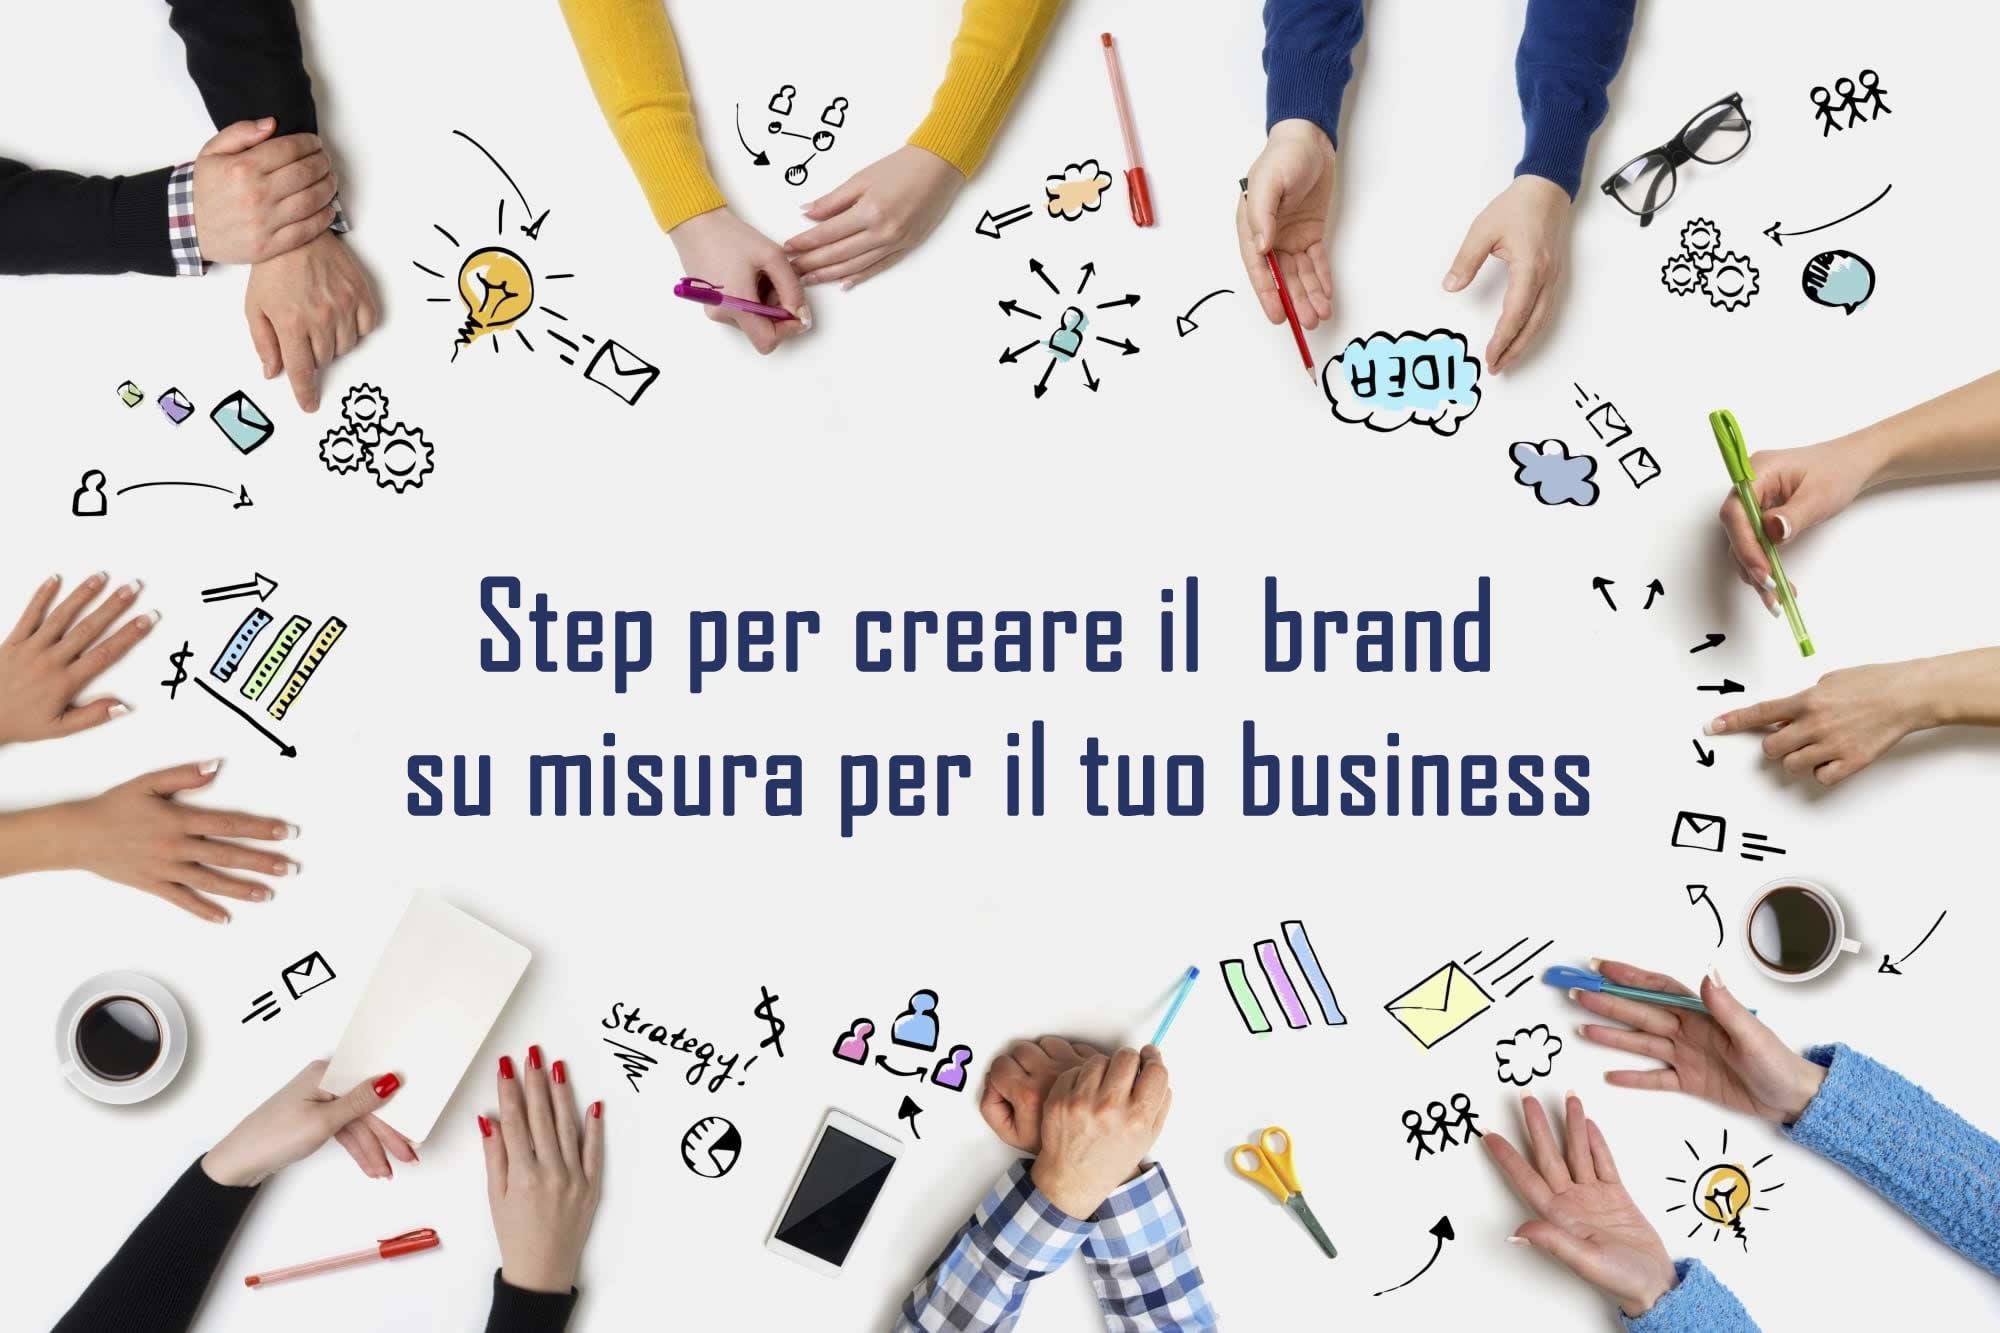 5 step per sviluppare il tuo brand personale